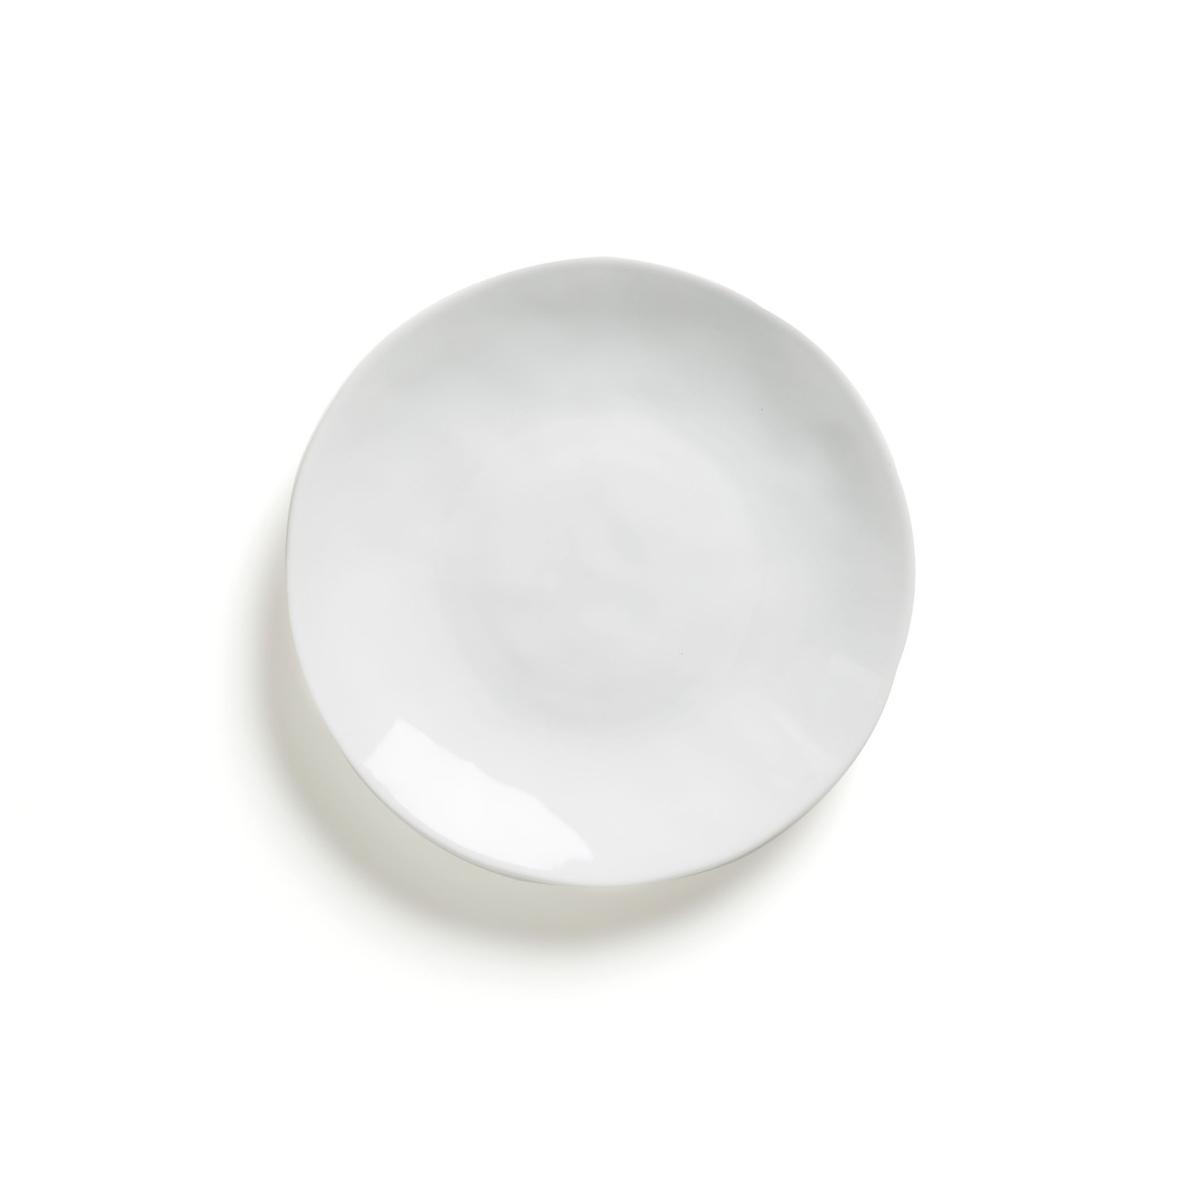 Комплект из десертных тарелок La Redoute Из керамики Kilmia единый размер белый комплект из 4 десертных тарелок sam baron